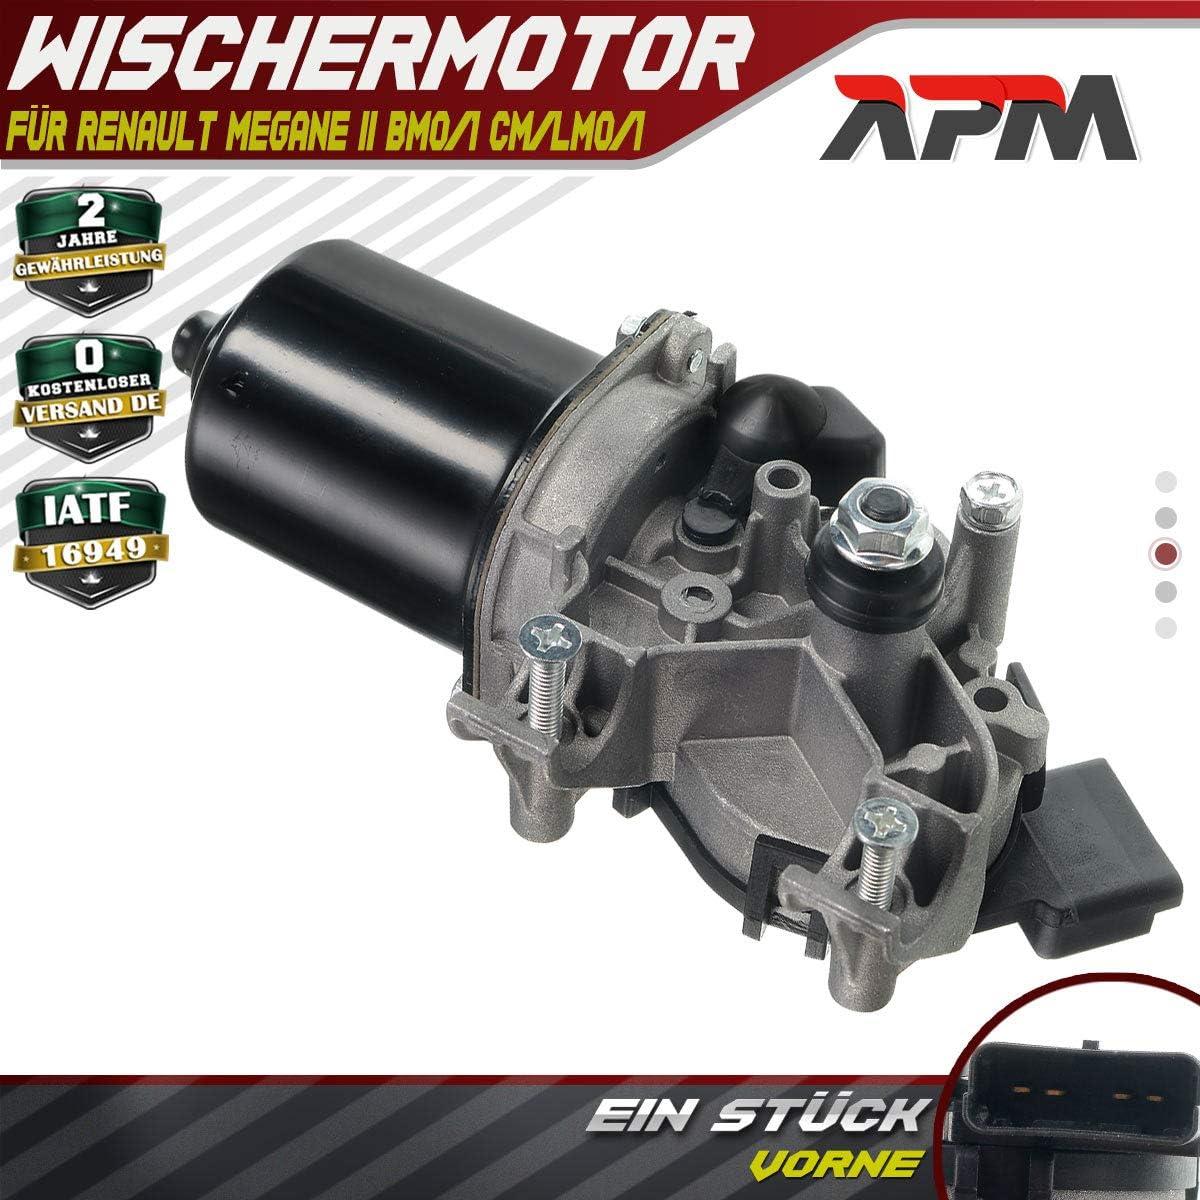 Motor de limpiaparabrisas para Megane II BM0/1_ CM0/1_ Coupé-Cabriolet EM0/1_ Kombi KM0/1_ LM0/1_ 2002-2008 7701054828